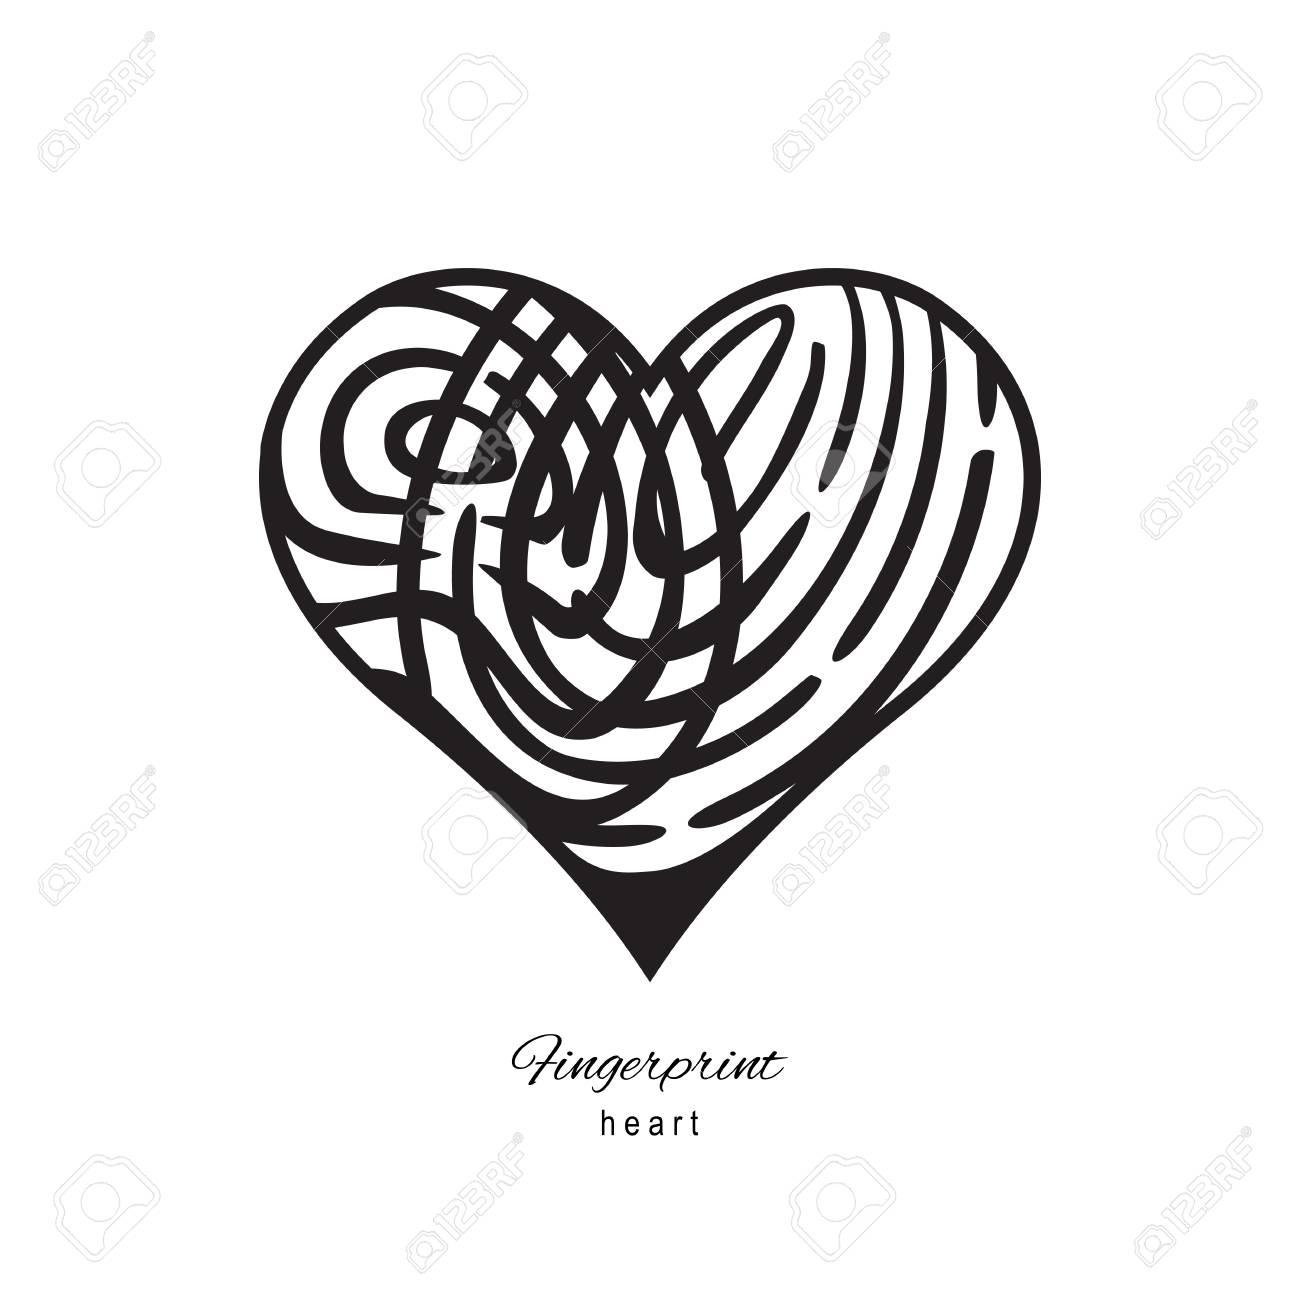 Fingerabdruck Herz Symbol Auf Weissem Hintergrund Lizenzfrei Nutzbare